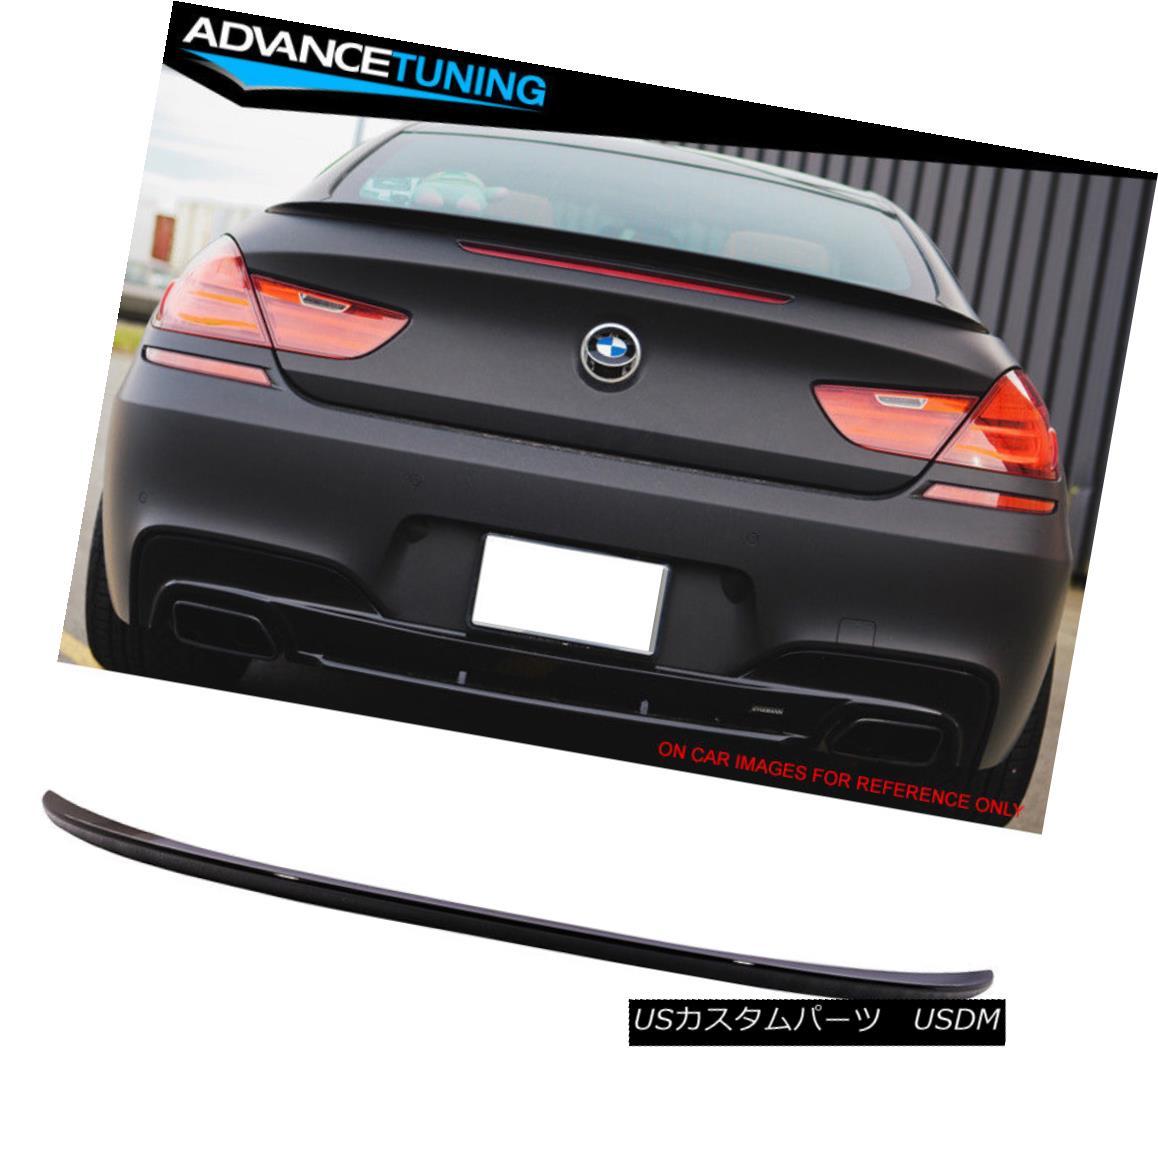 エアロパーツ Fit 12-17 BMW 6 Series F13 2Dr M6 Style Trunk Spoiler OEM Painted #668 Jet Black フィット12-17 BMW 6シリーズF13 2Dr M6スタイルトランクスポイラーOEM塗装#668ジェットブラック